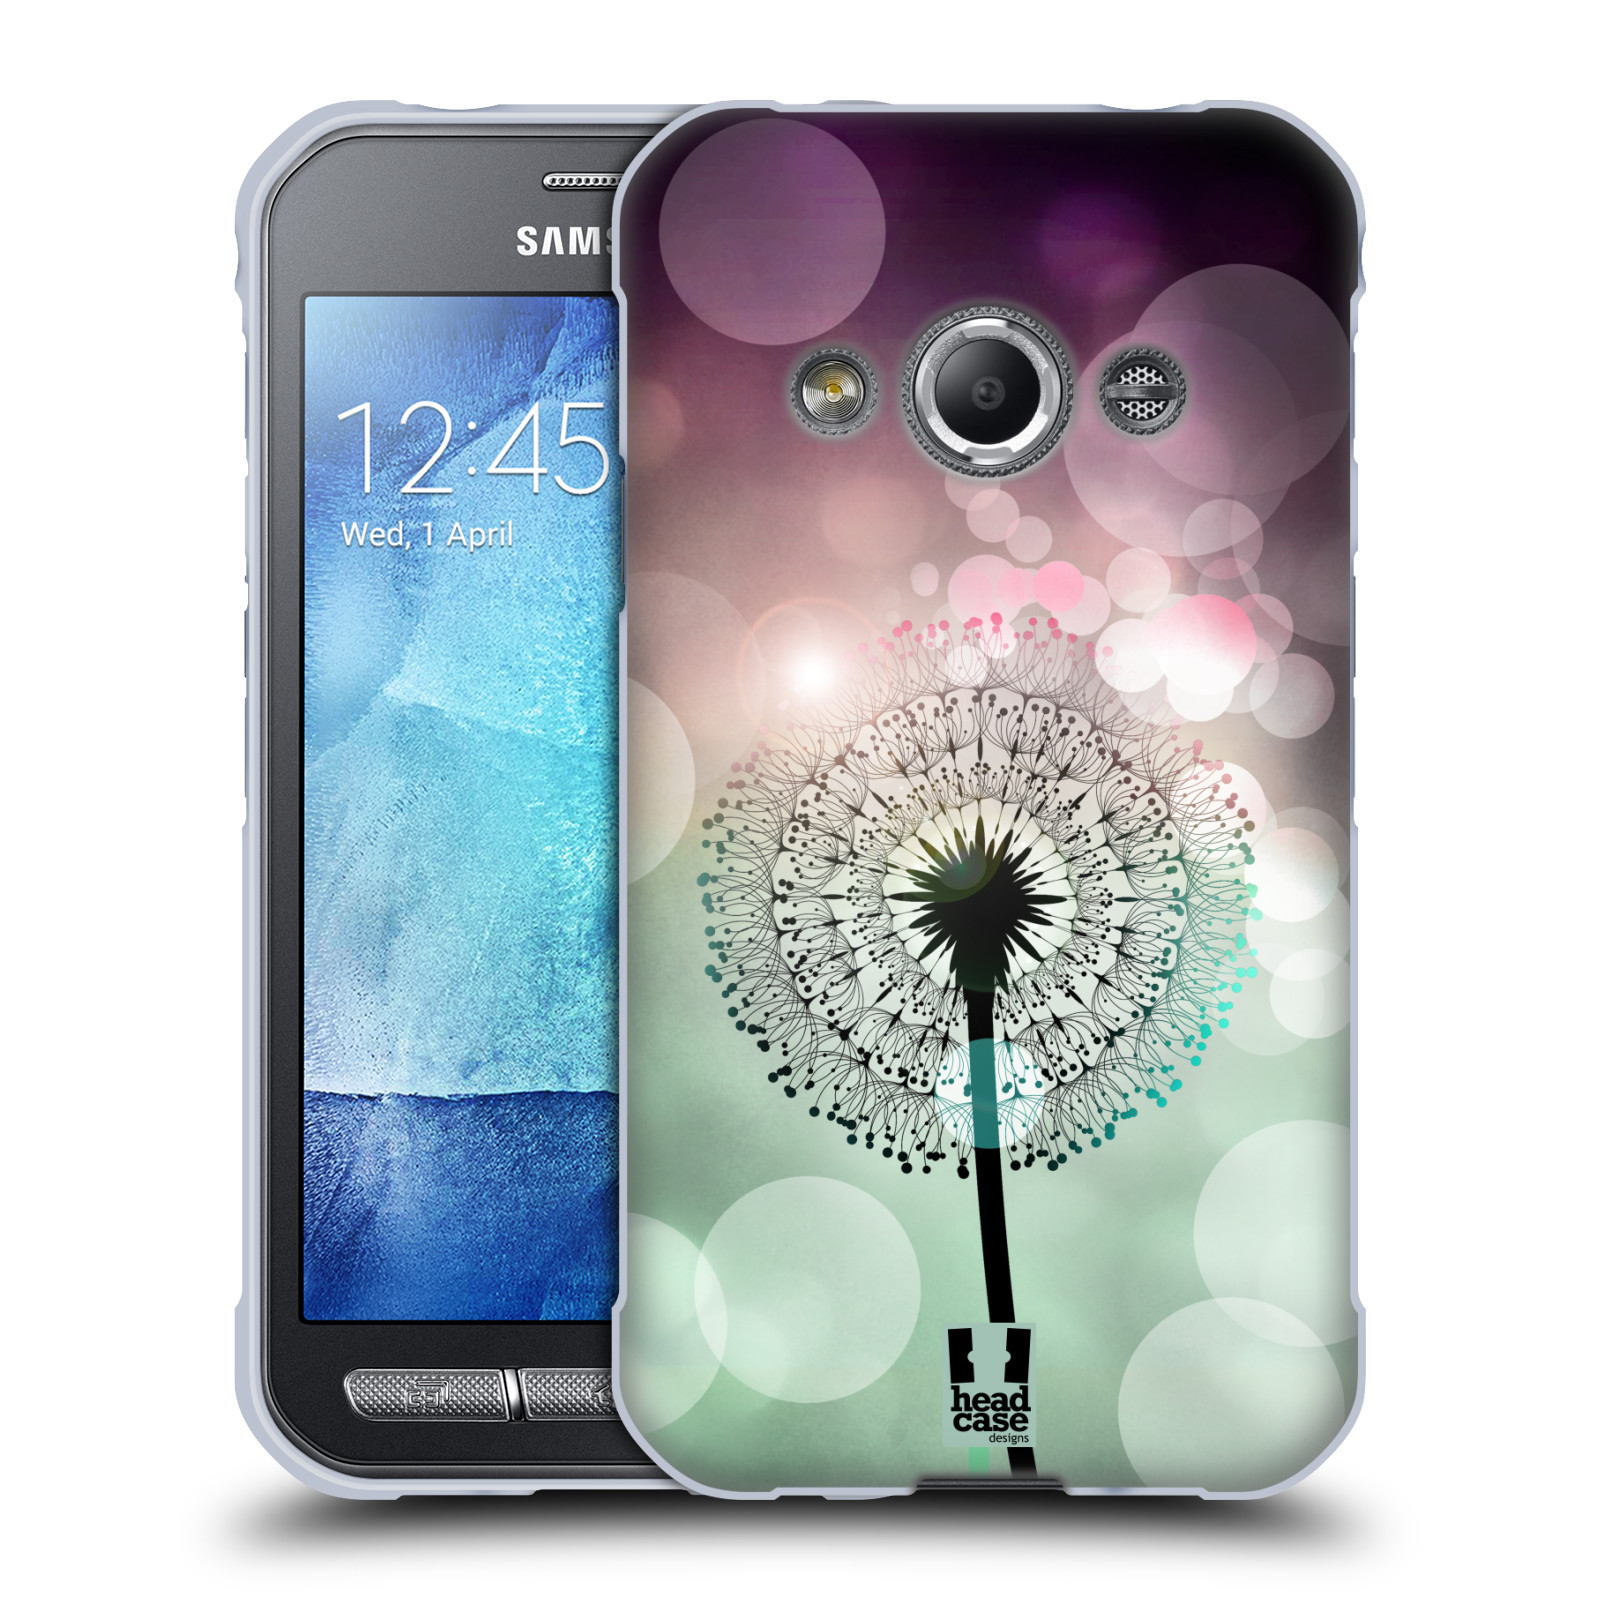 Silikonové pouzdro na mobil Samsung Galaxy Xcover 3 HEAD CASE Pampeliškové odlesky (Silikonový kryt či obal na mobilní telefon Samsung Galaxy Xcover 3 SM-G388F)